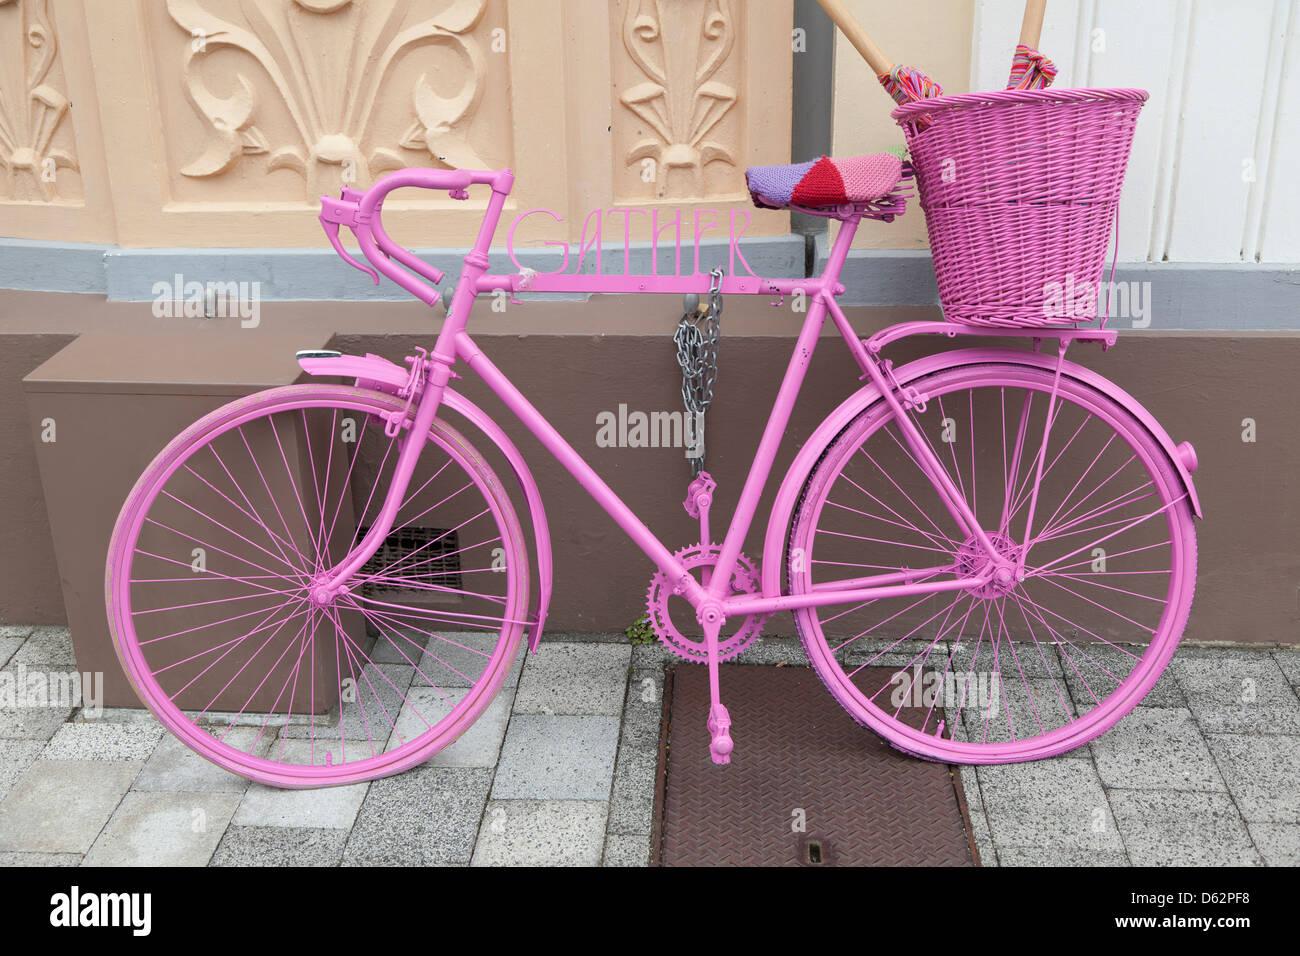 Vélo peint rose comme une publicité à Napier, Nouvelle-Zélande Photo Stock